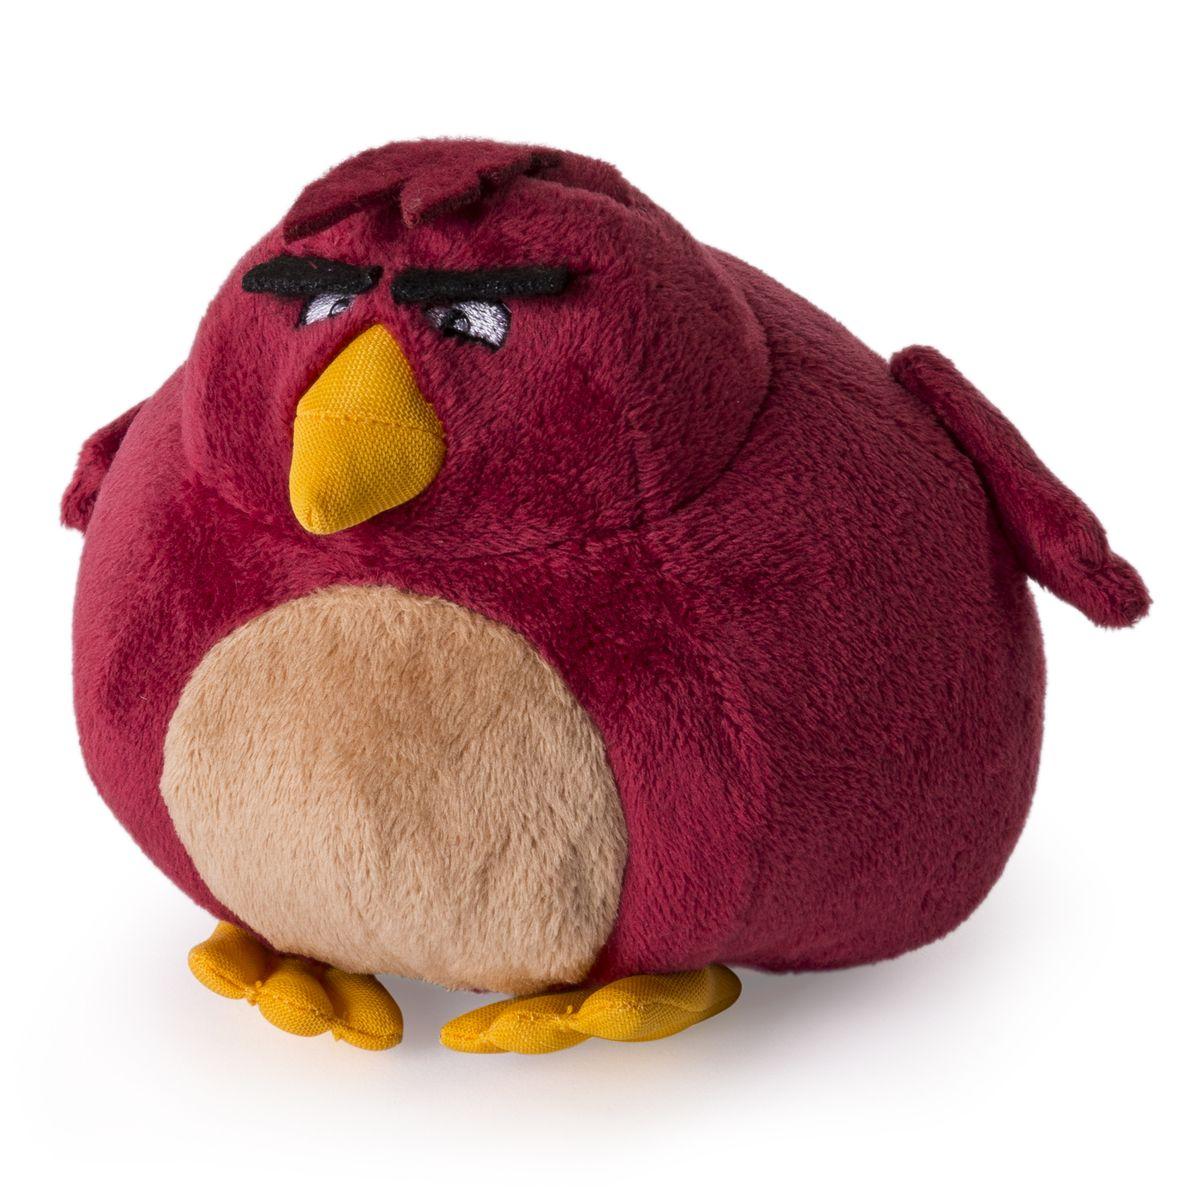 Angry Birds Мягкая игрушка Птица Terence 13 см90513Мягкая игрушка Angry Birds Птица Terence подарит вашему ребенку много радости и веселья. Удивительно приятная на ощупь игрушка выполнена в виде всем известного персонажа из популярной игры Angry Birds - взрывной птицы по имени Terence. Чудесная мягкая игрушка непременно поднимет настроение своему обладателю и станет замечательным подарком к любому празднику.